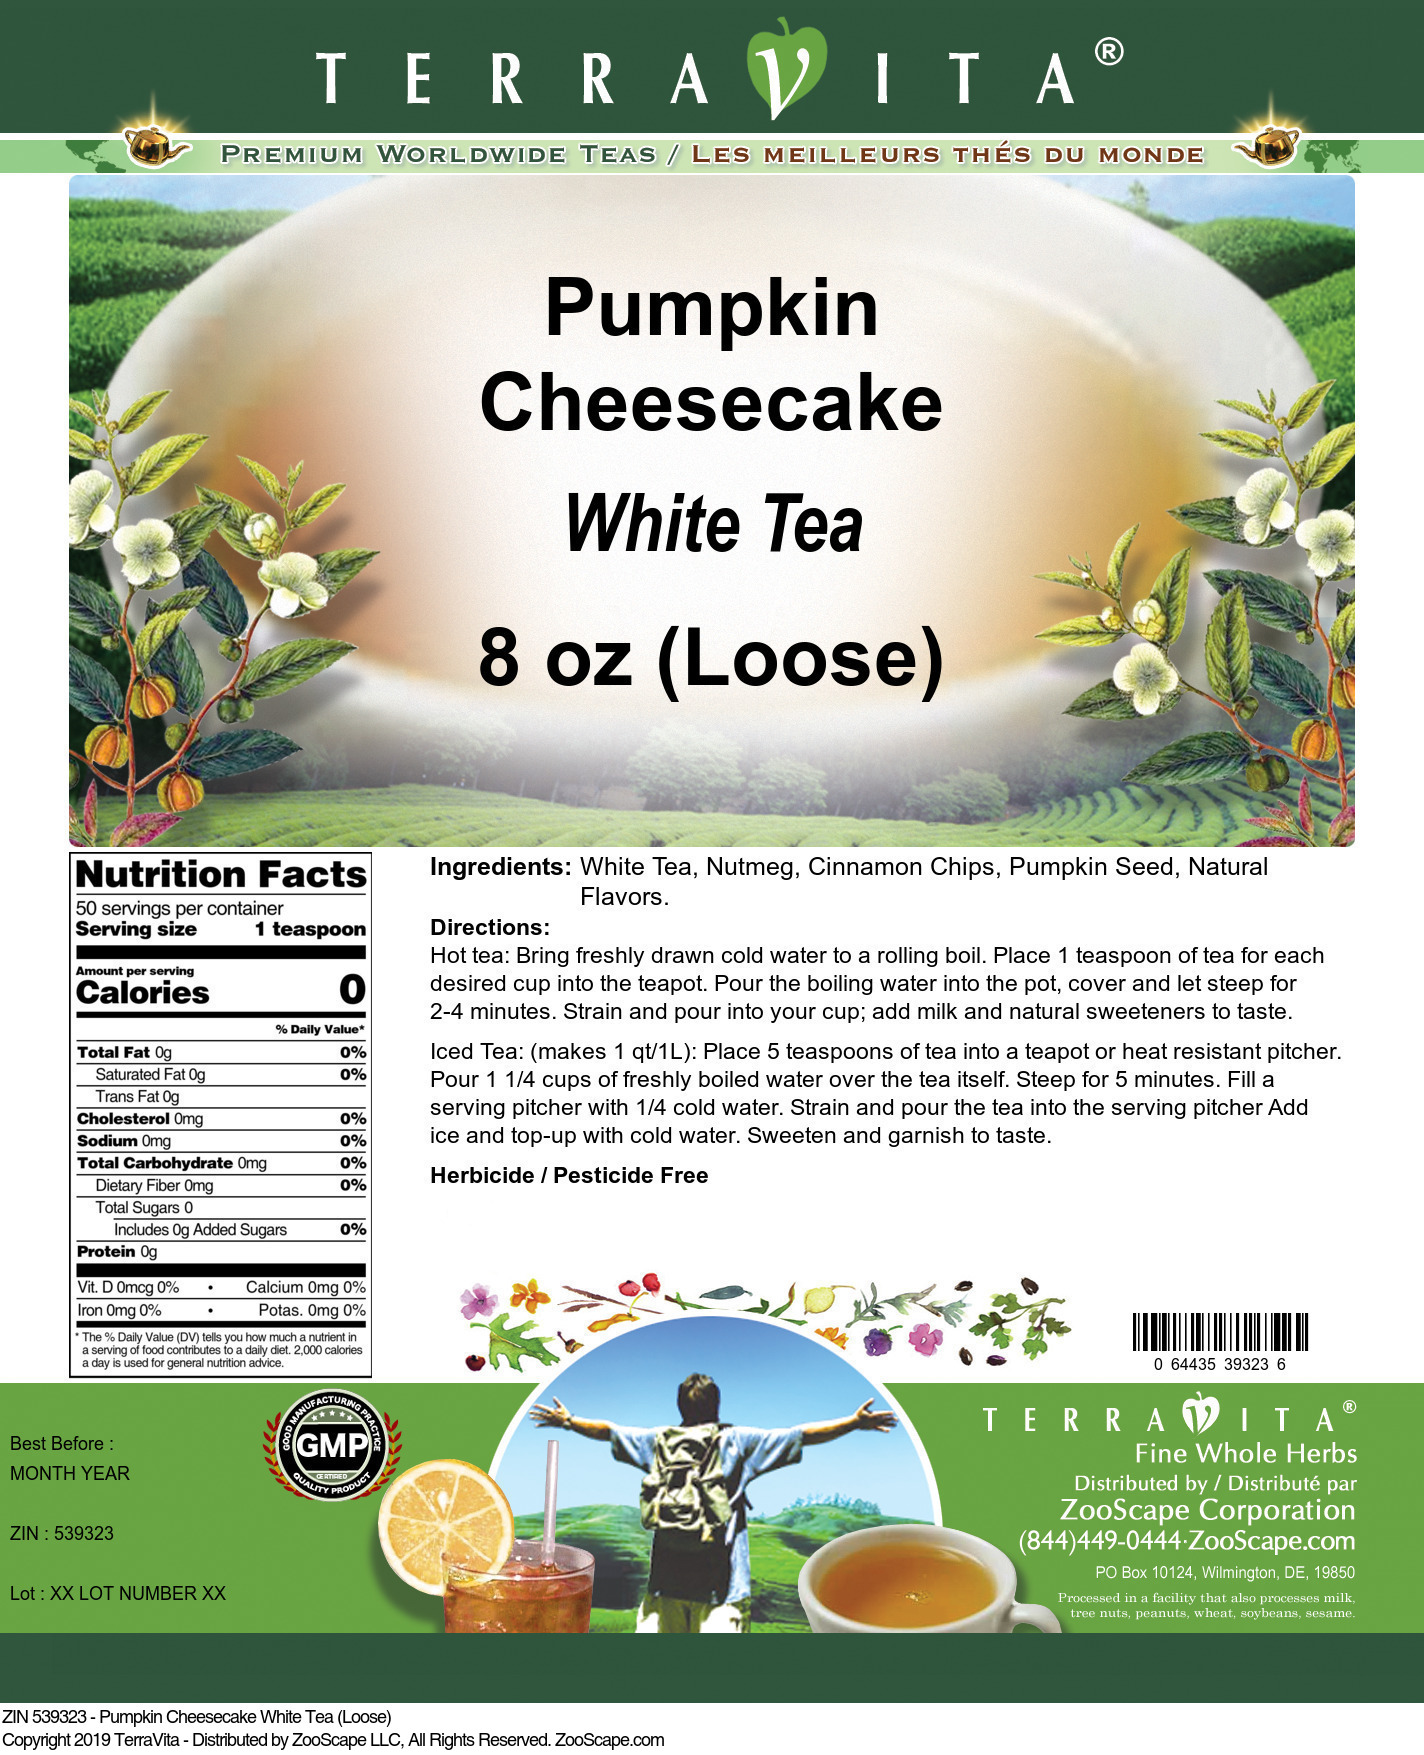 Pumpkin Cheesecake White Tea